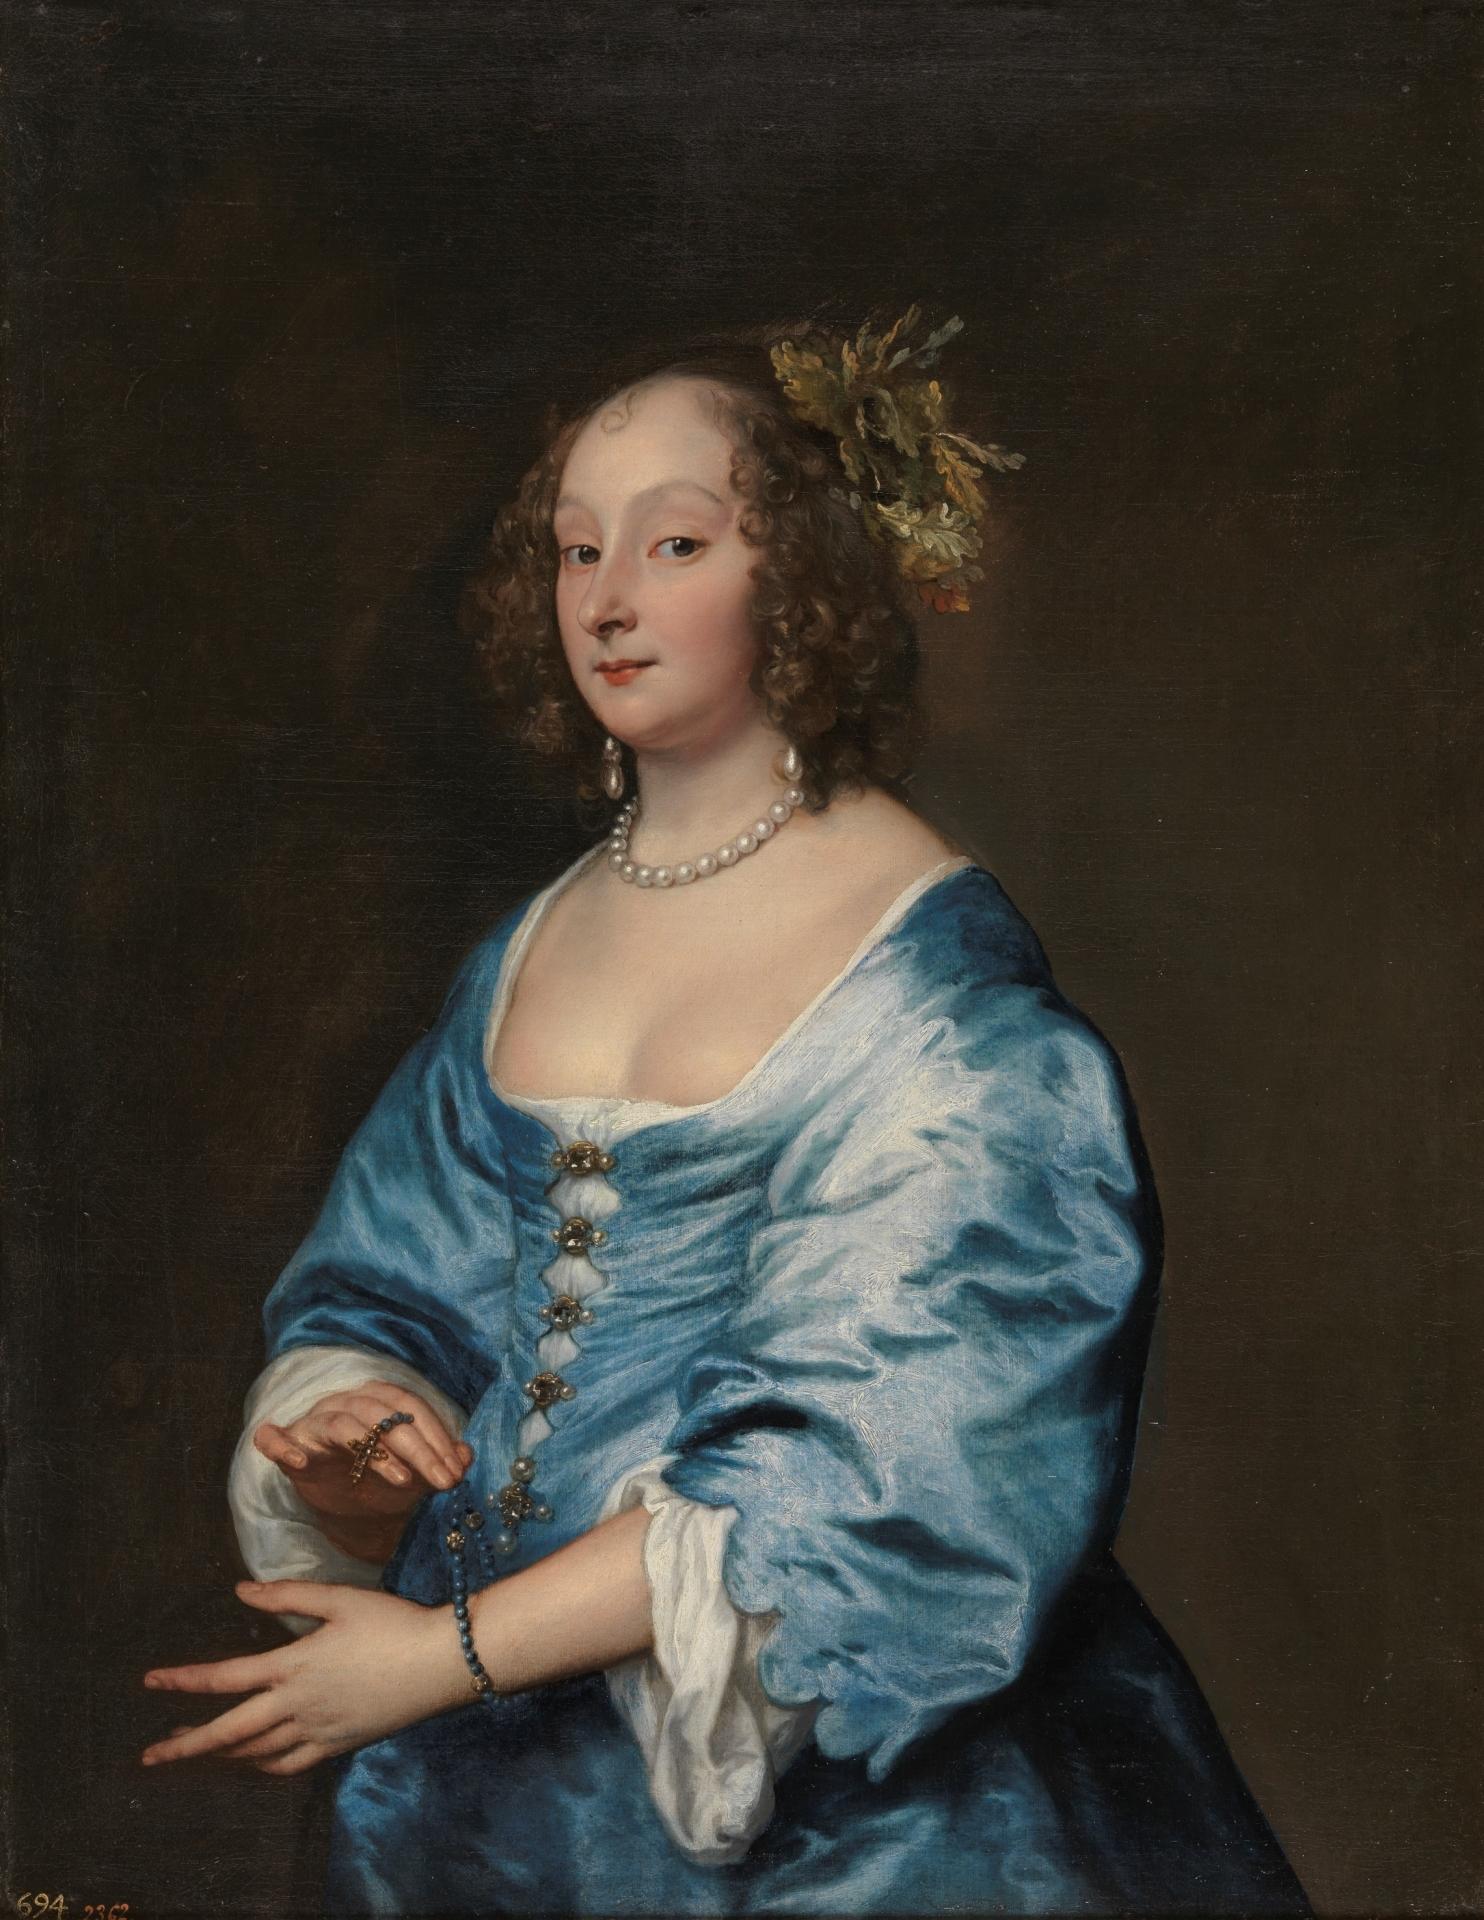 María Ruthwen, lady van Dyck